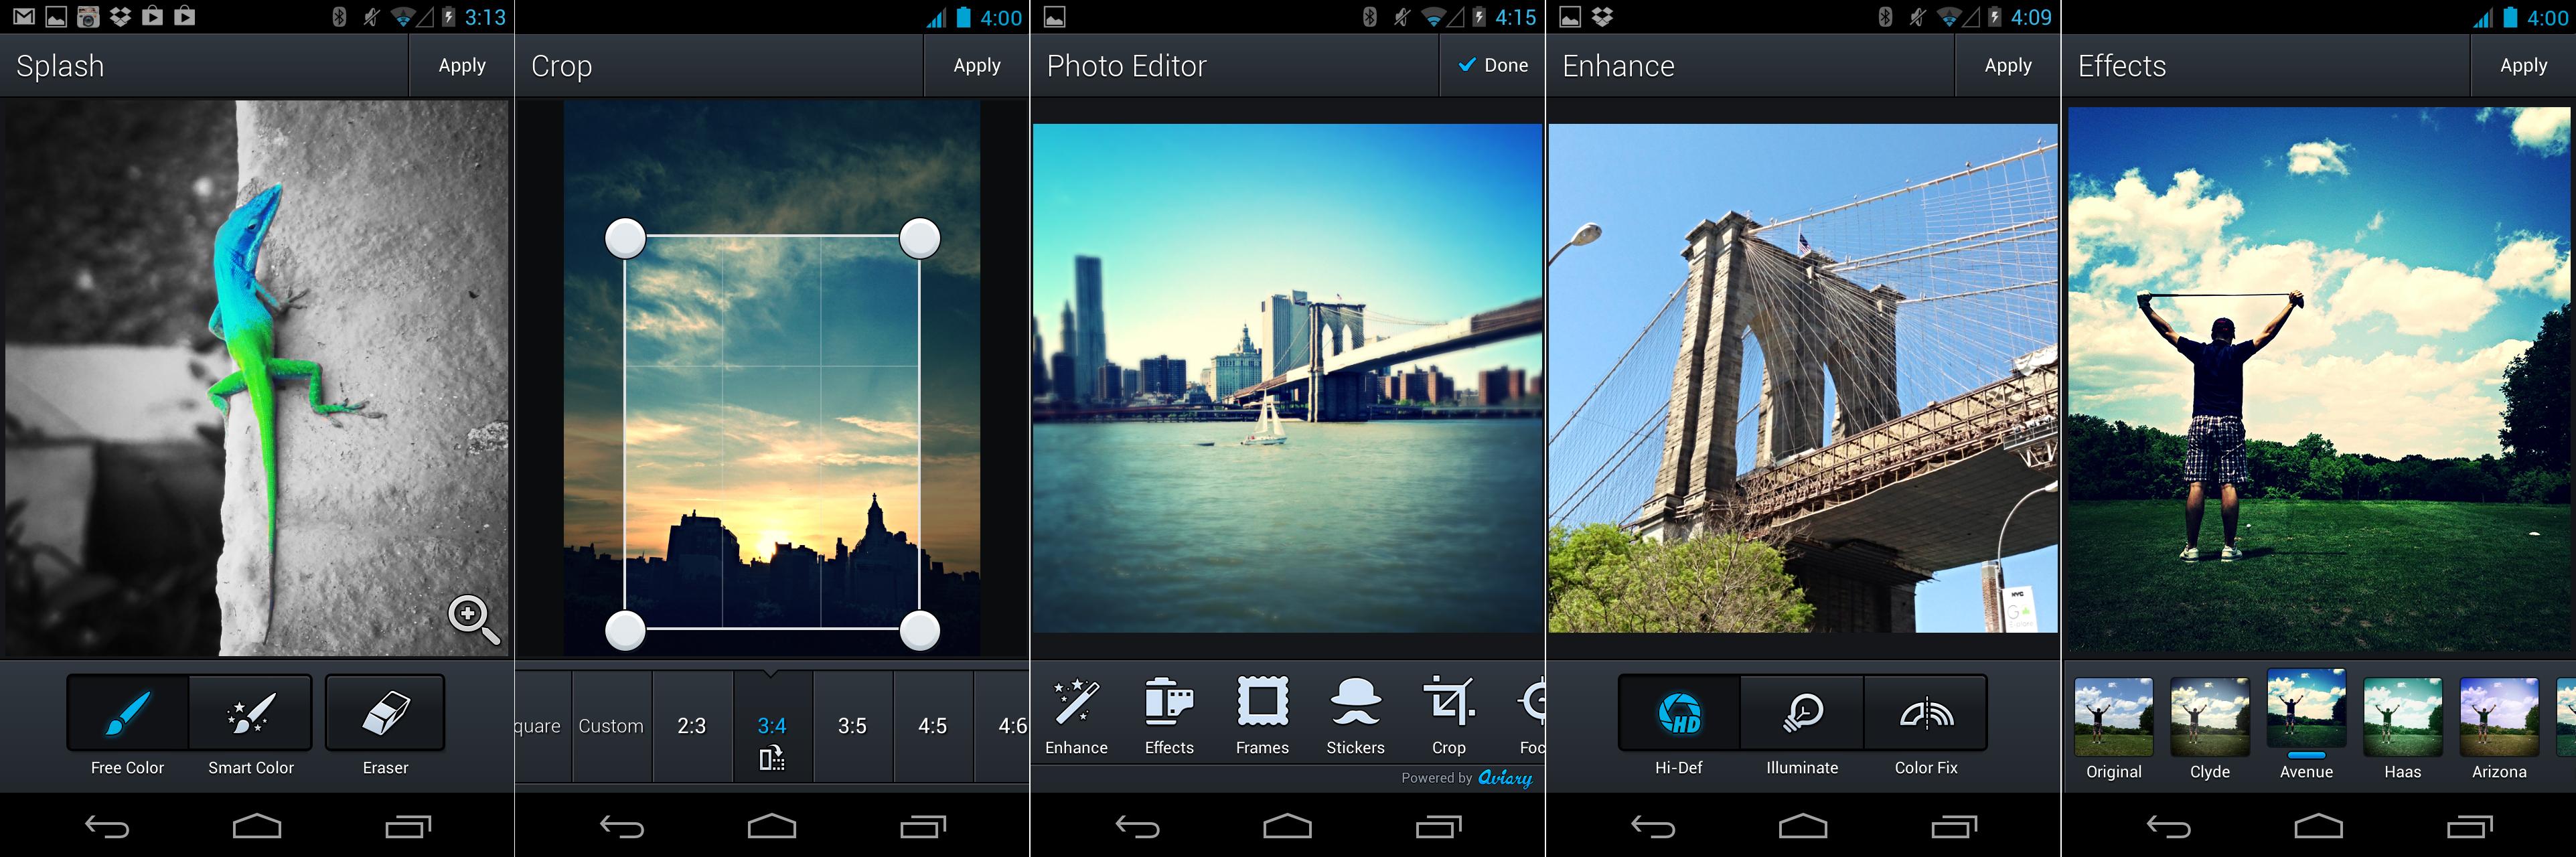 Как сделать качественные фотографии при помощи Android-смартфона - редактирование фотографий